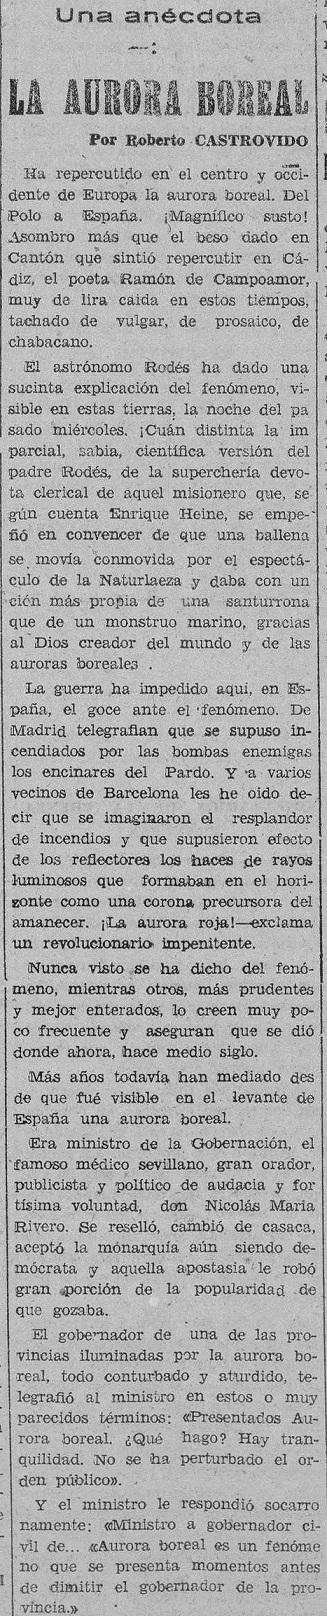 El Luchador : diario republicano, 4 de febrero de 1938, hablando sobre los hechos ocurridos el 2 de febrero de 1938.